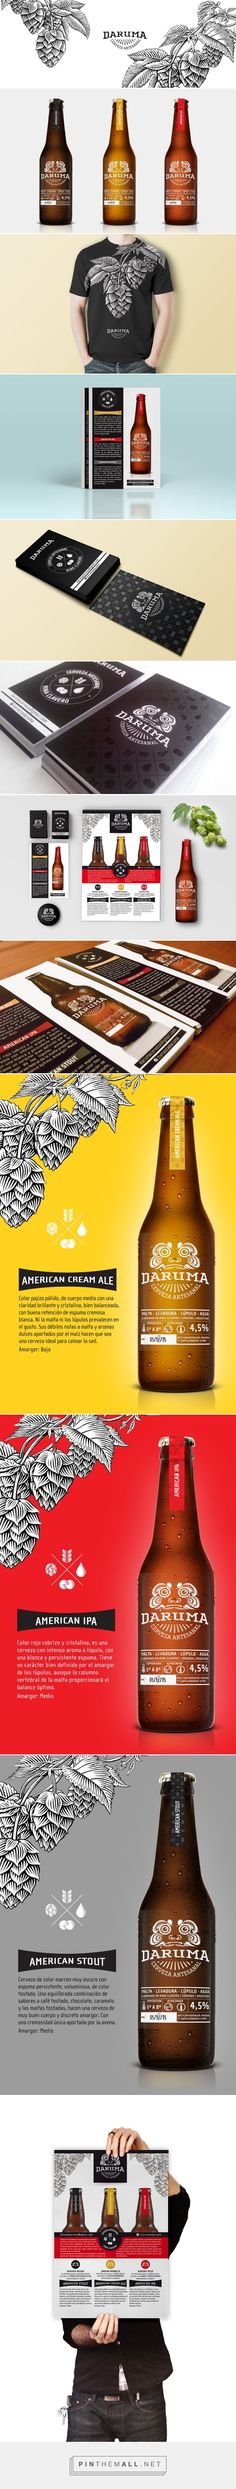 Daruma   Cerveza Artesanal by Virginia Scardino                                                                                                                                                                                 Más